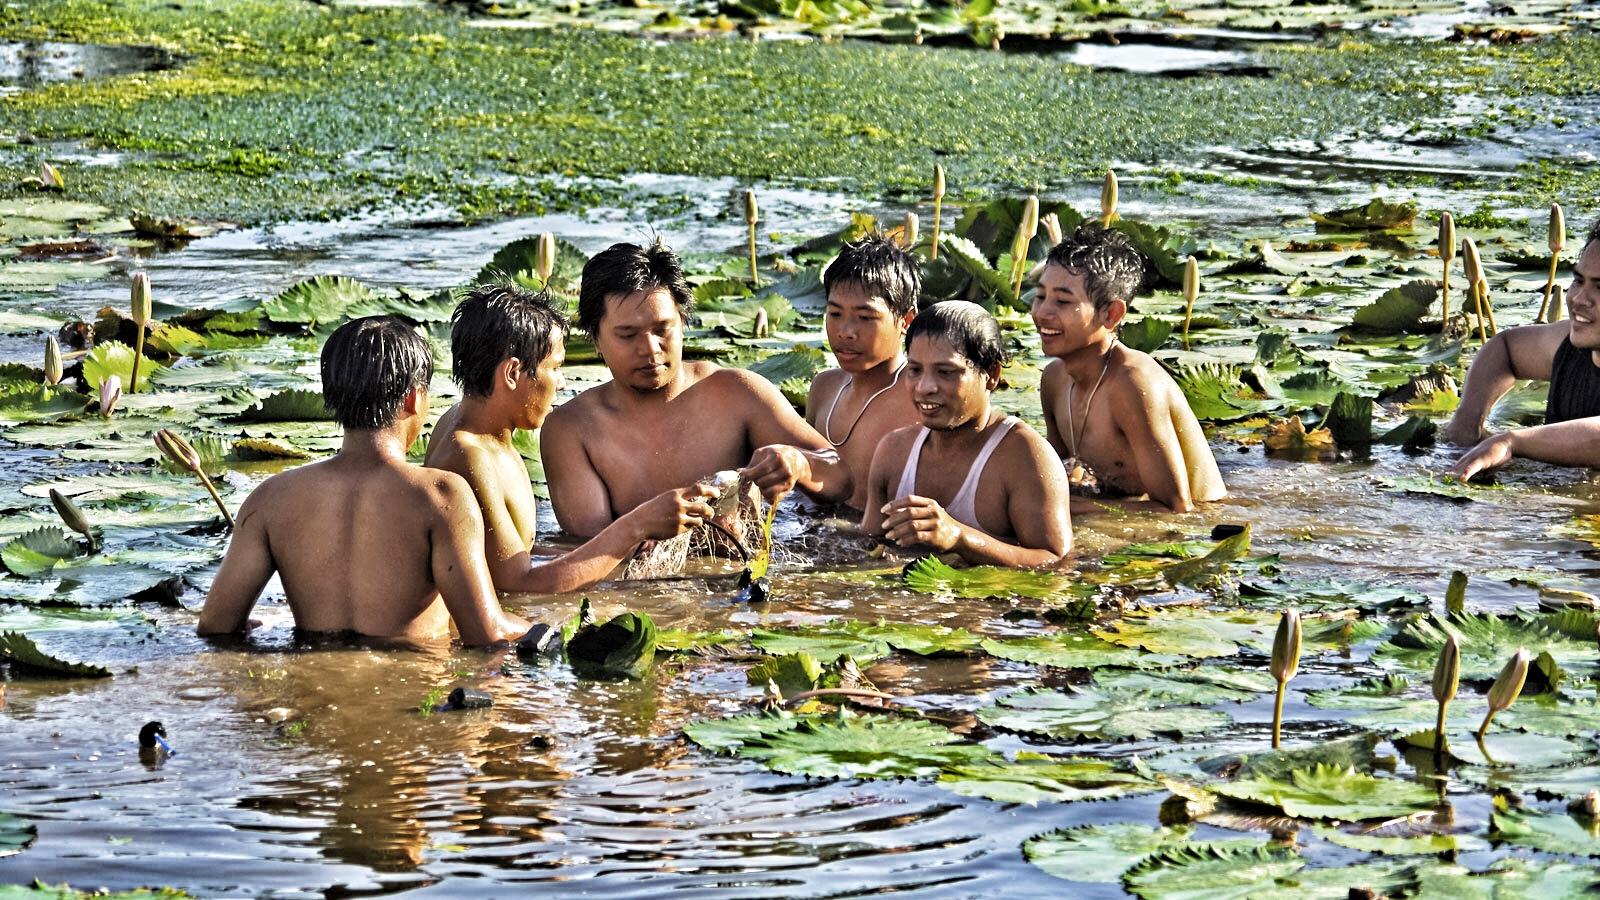 Indonesien Abenteuerreise in der Gruppe traveljunkies